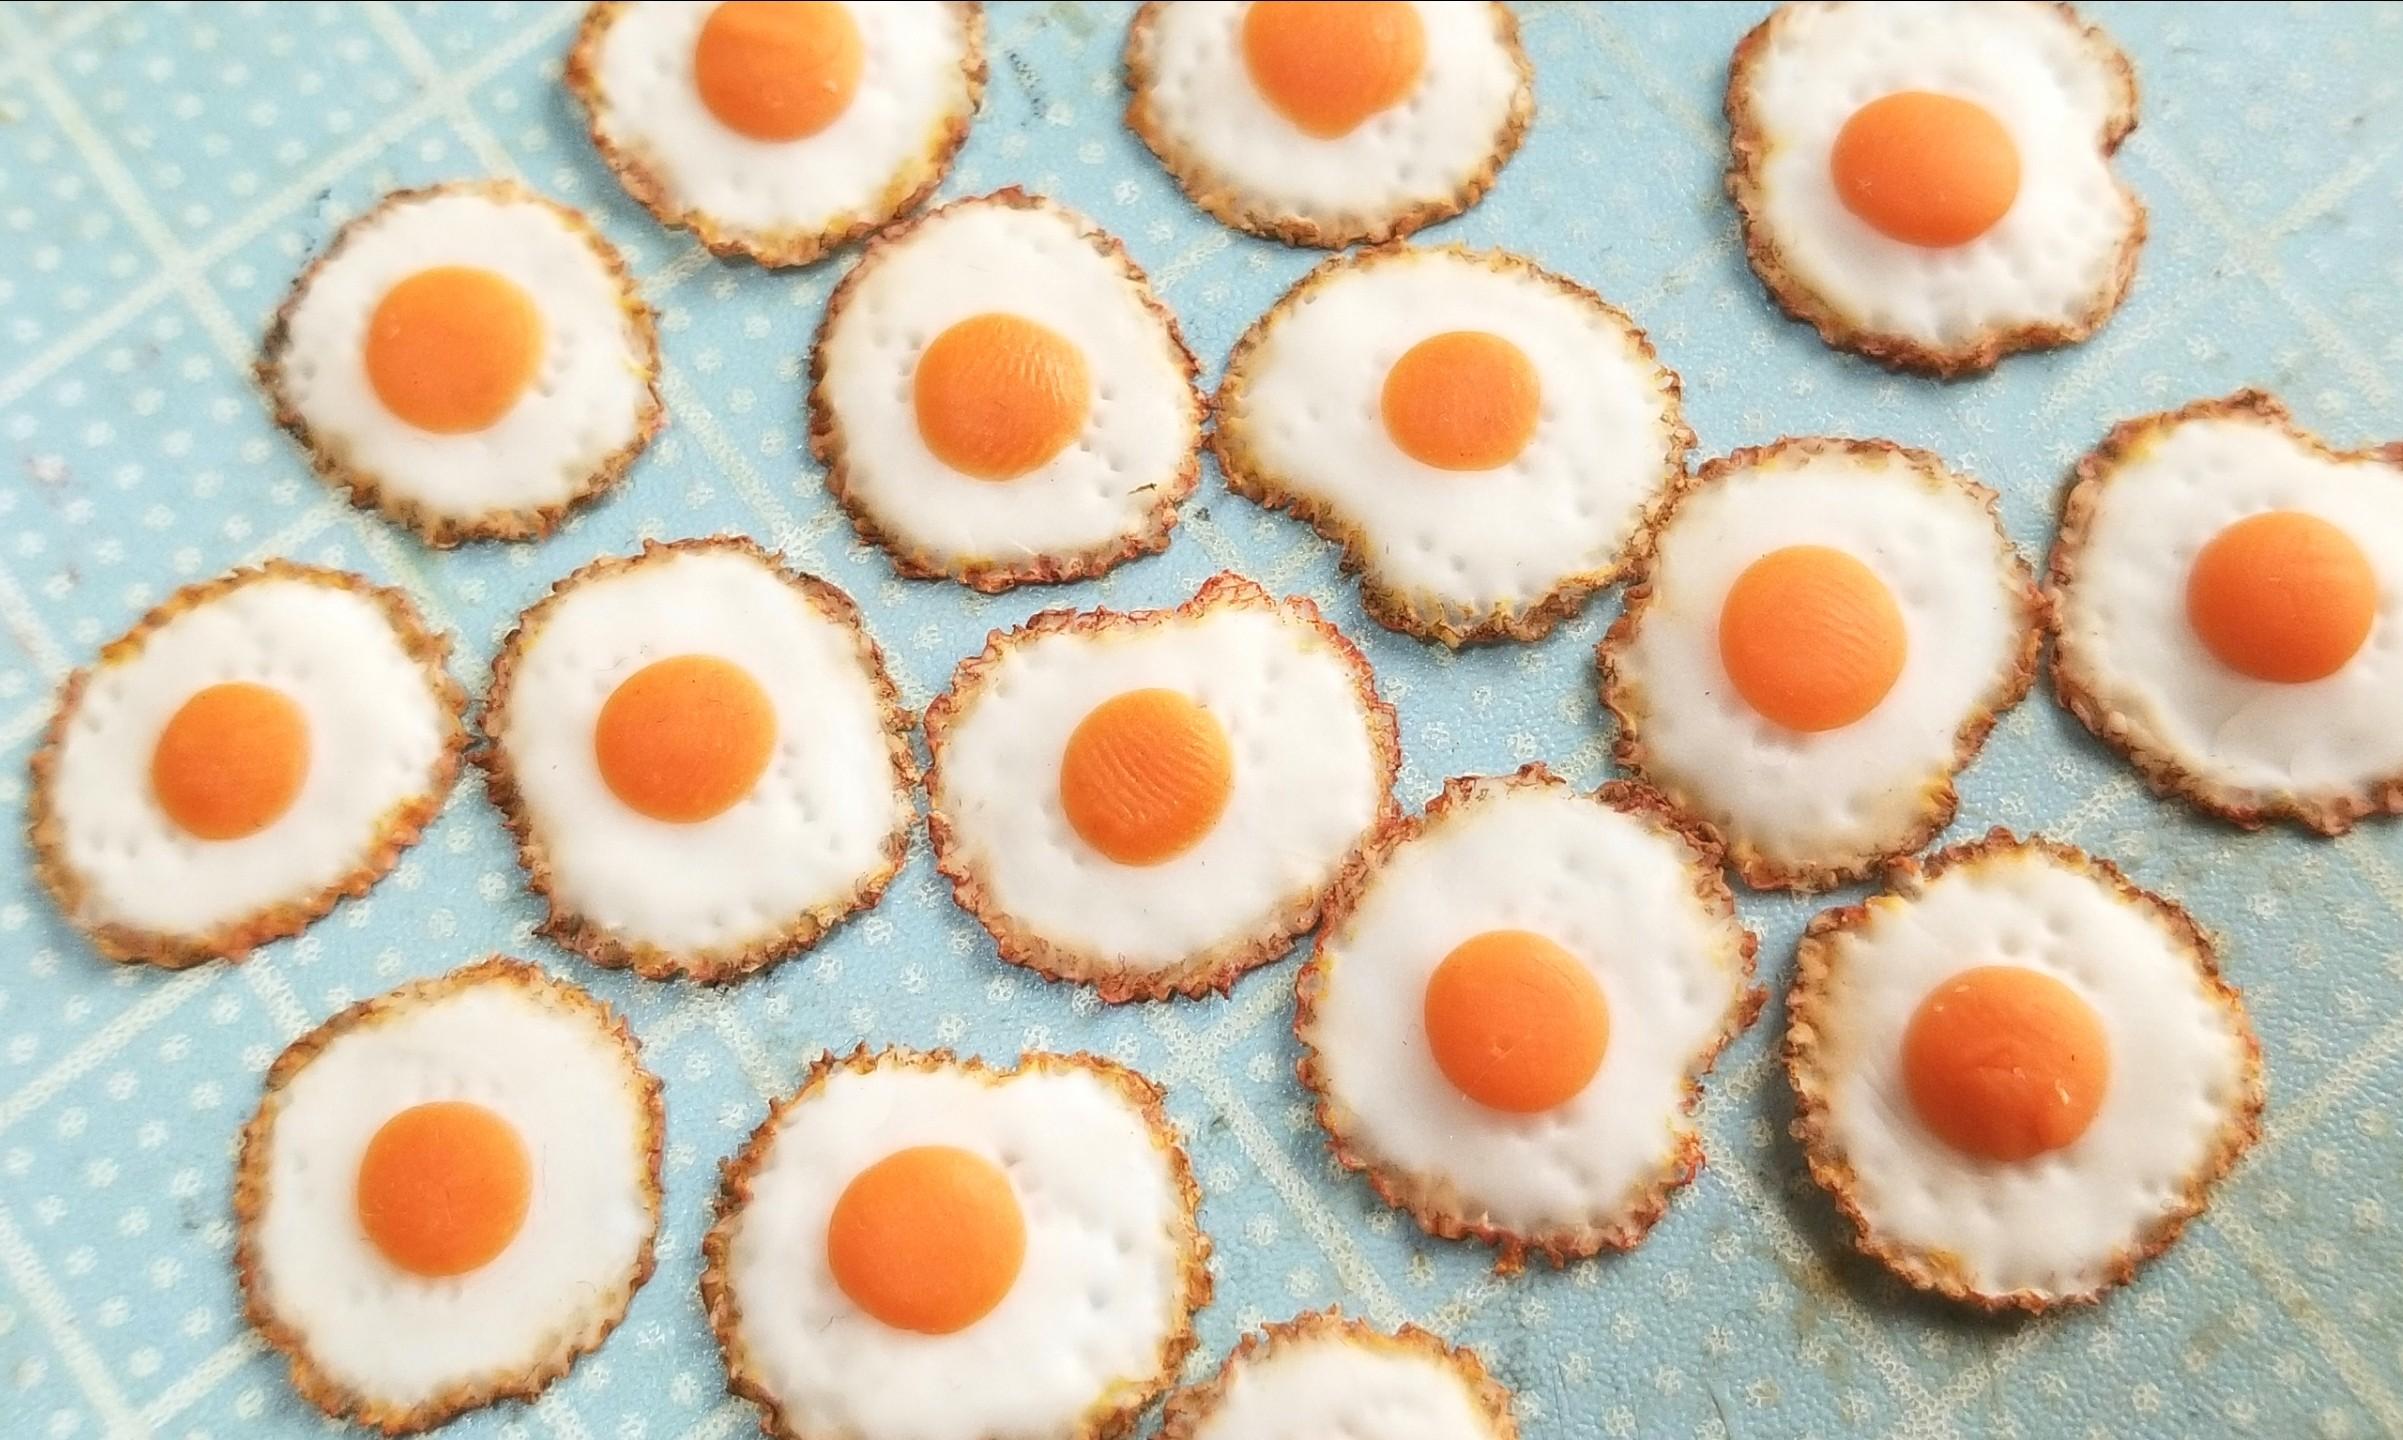 目玉焼き,作り方,キューポッシュ,ドールハウス,スウィーツドール